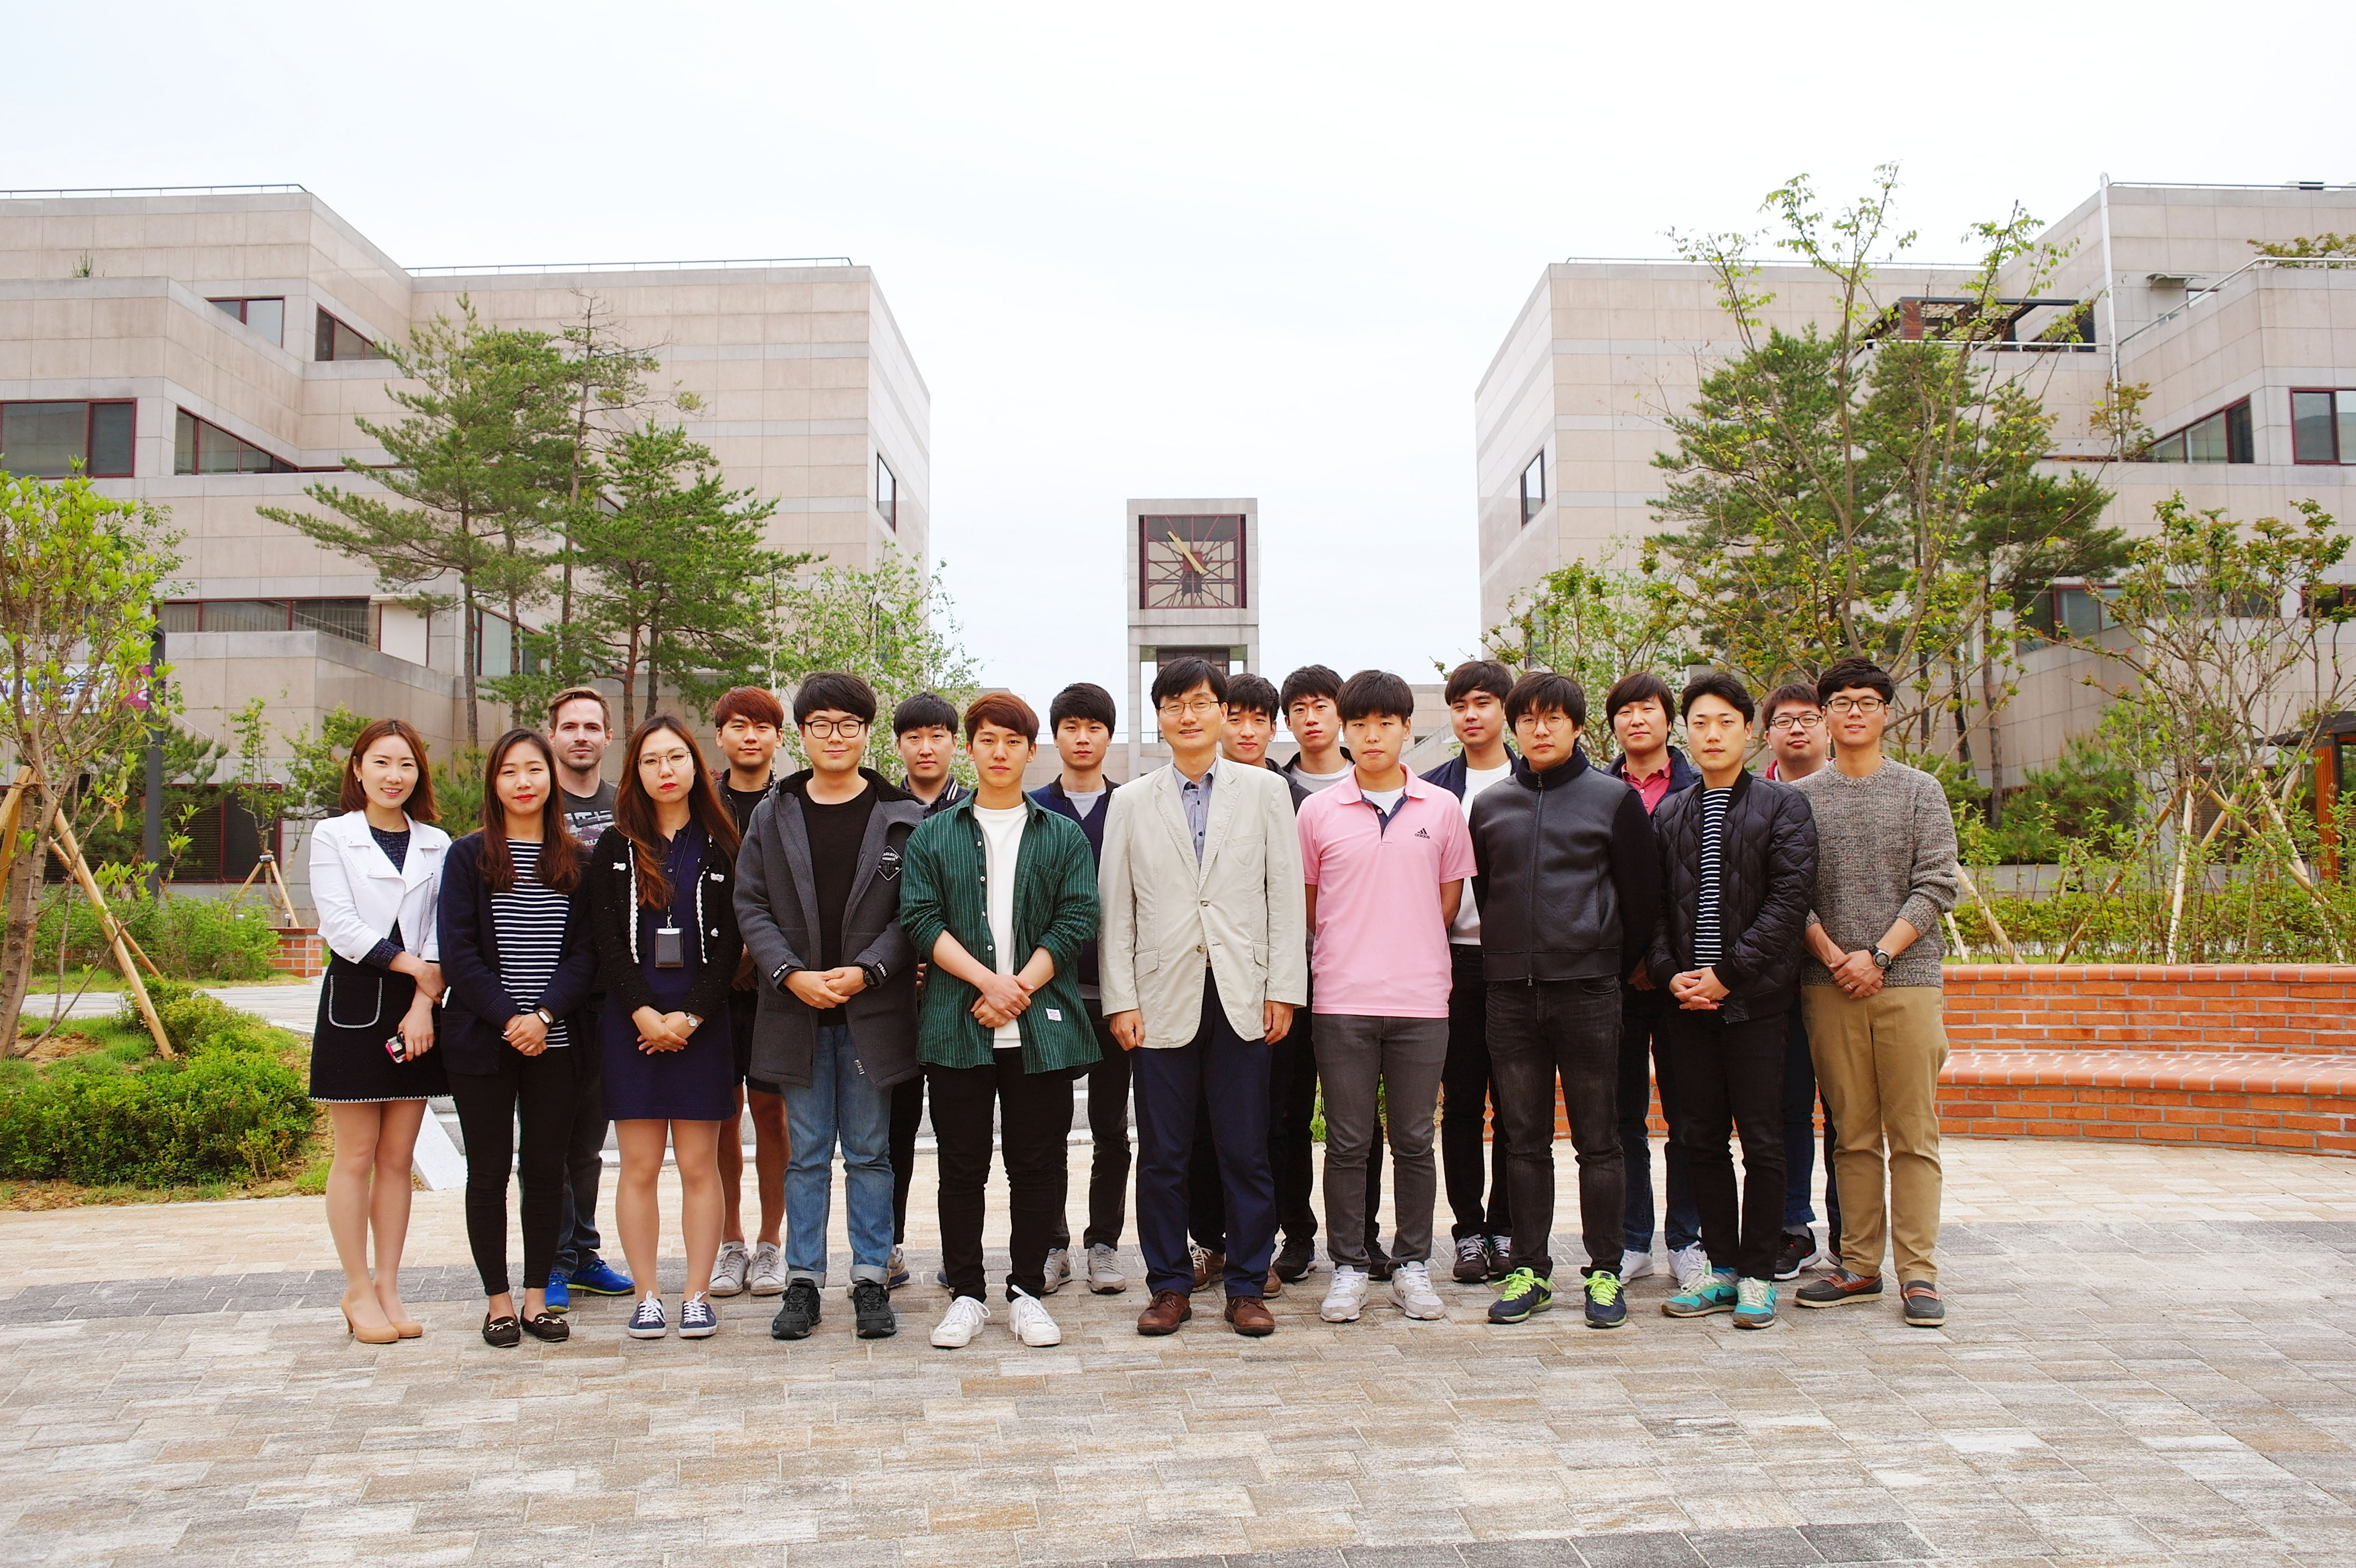 [16.05.19]PNEL 단체사진